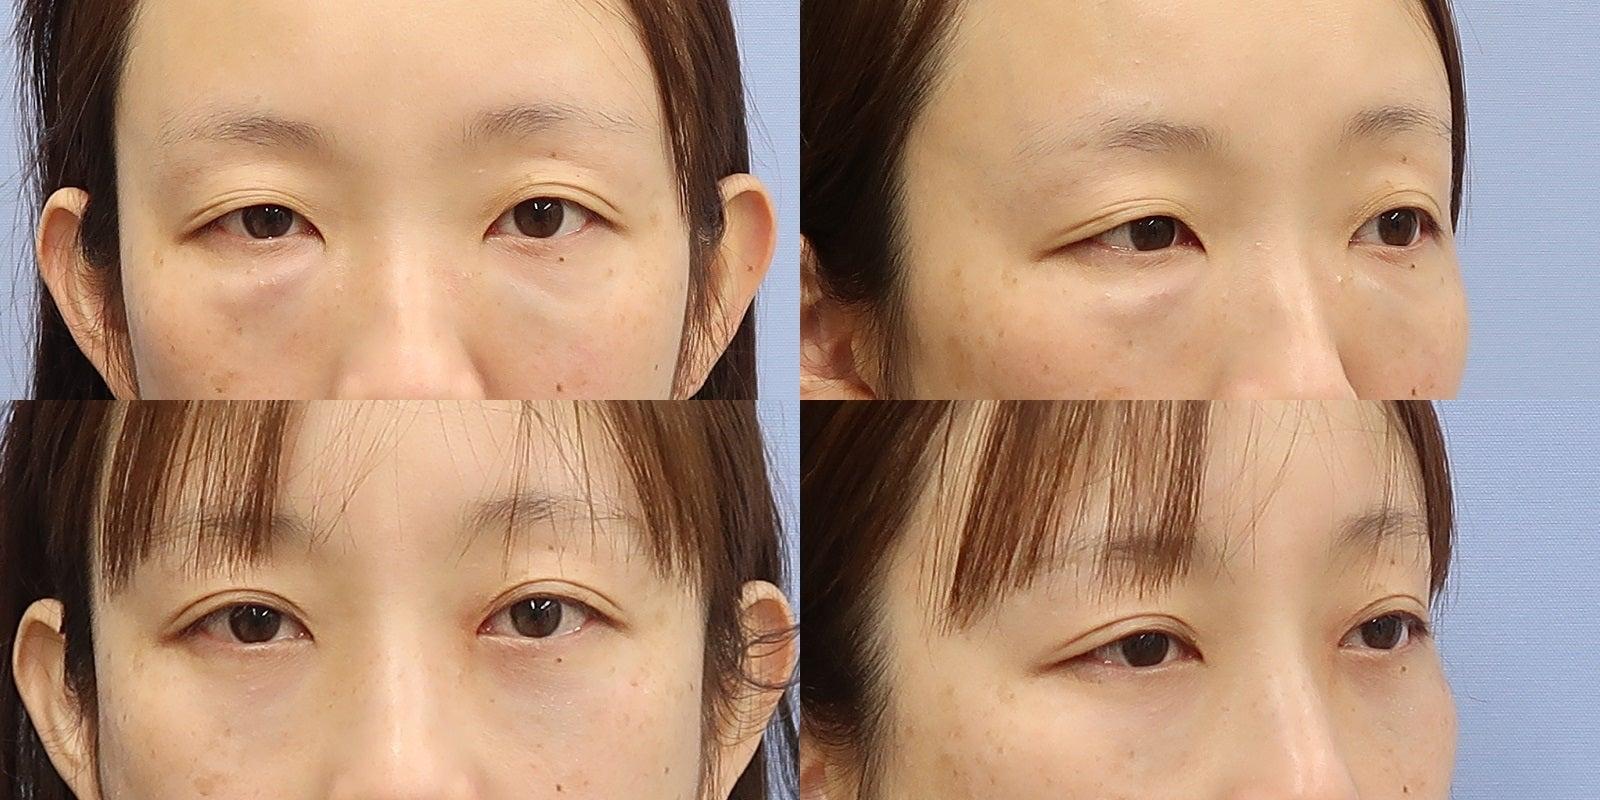 他院目の下ヒアルロン酸後の修整と埋没法二重術 施術後5か月一例